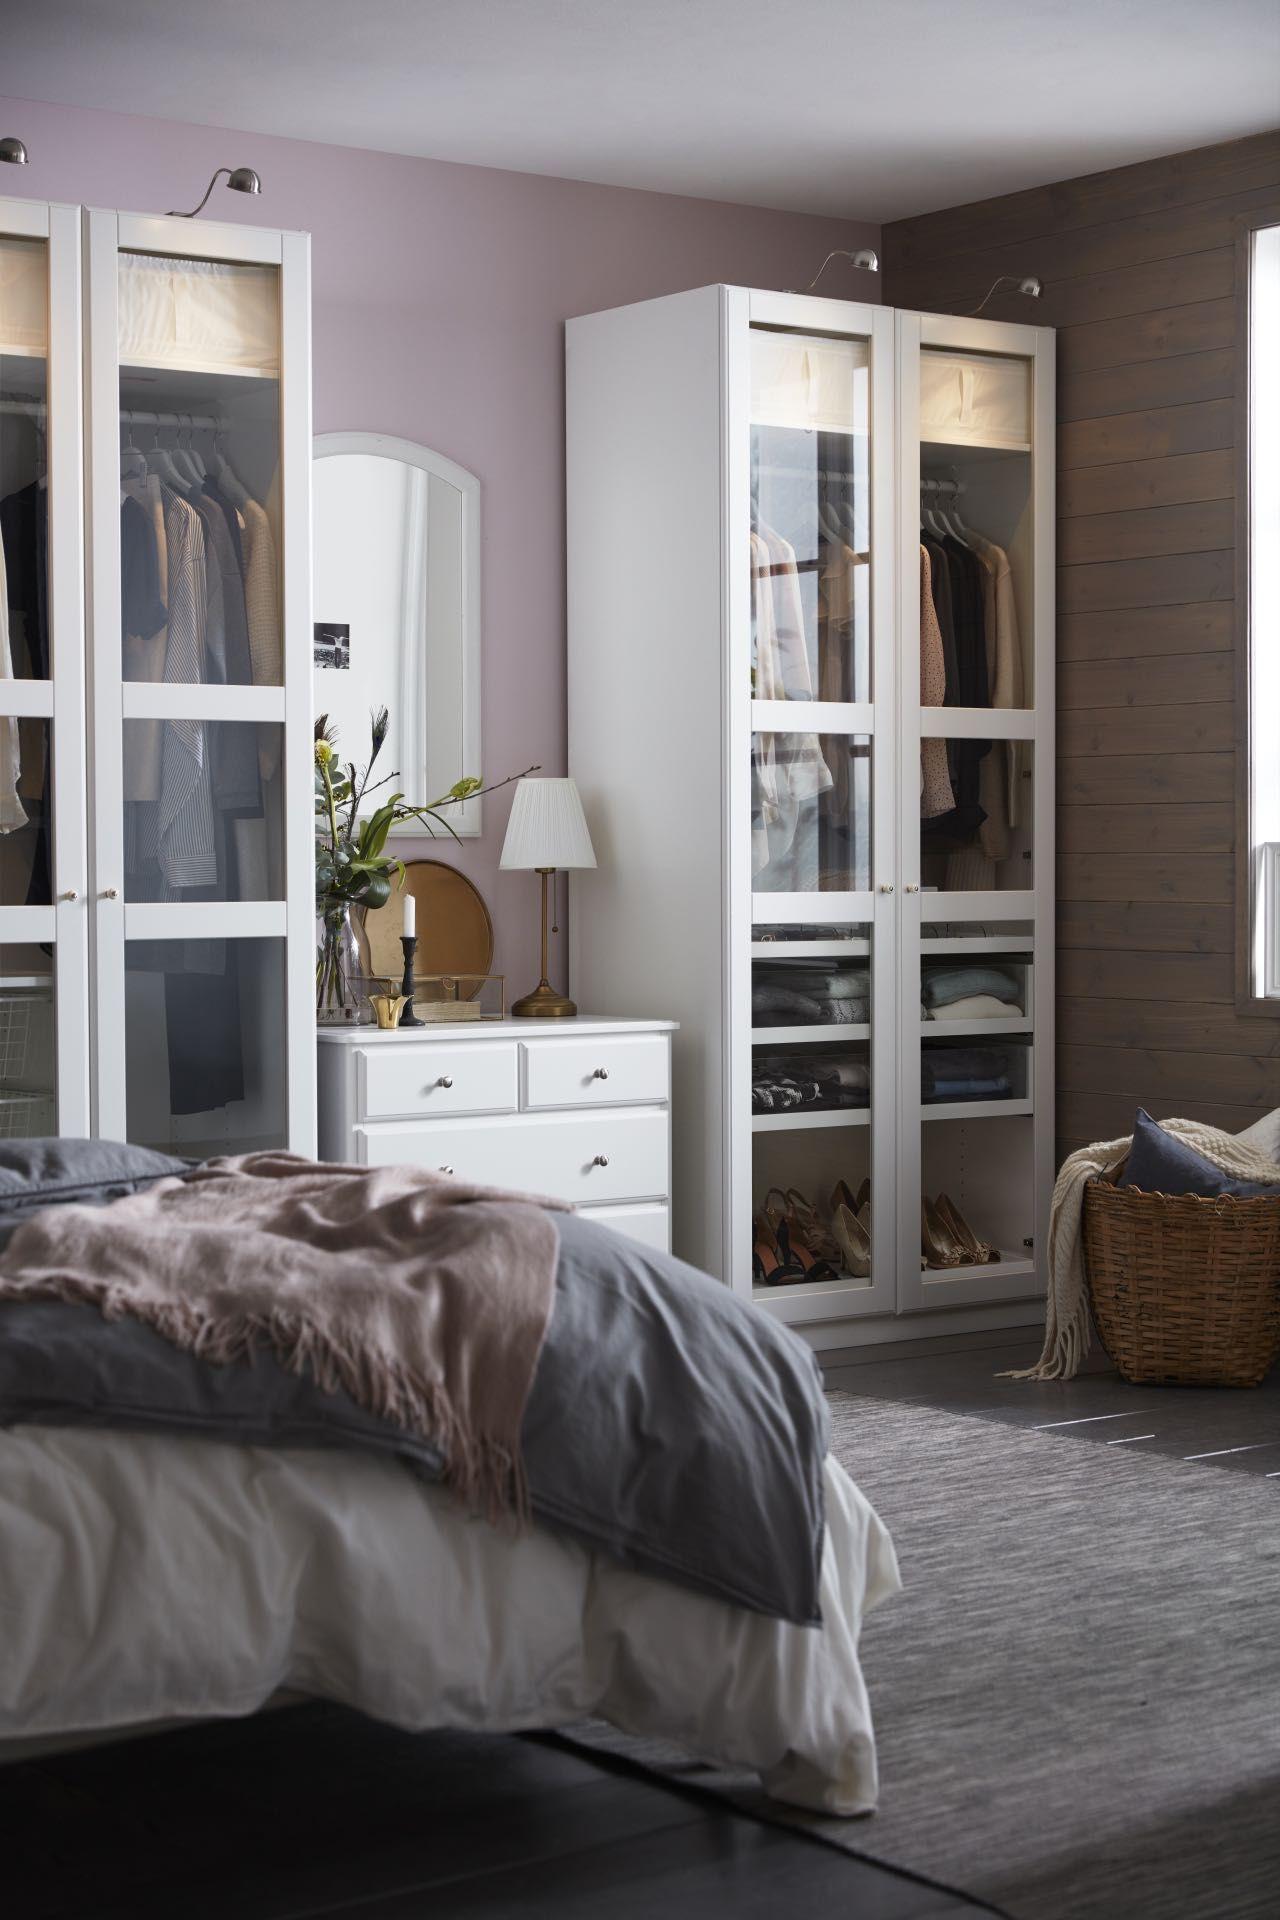 Traditionell eingerichtetes Schlafzimmer mit PAX Kleiderschränken in